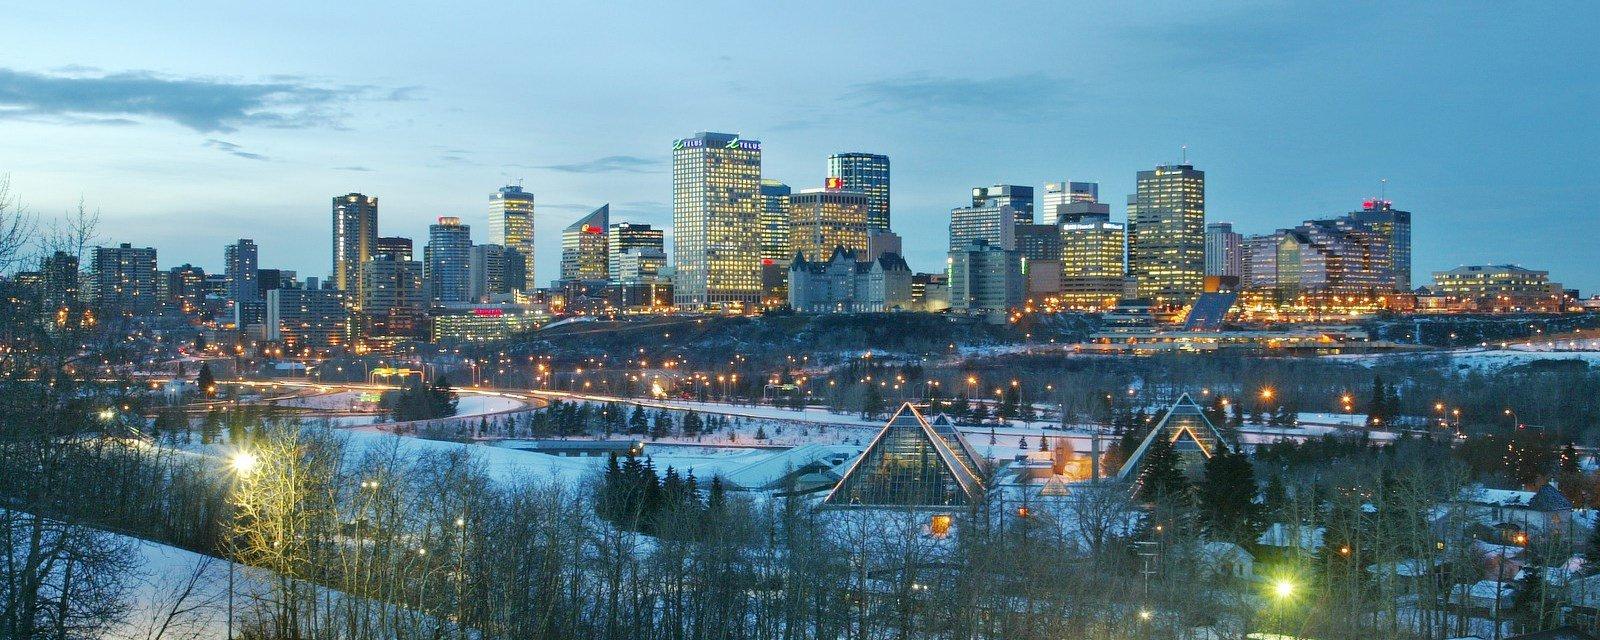 Edmonton, stopover waard op weg naar de Rockies!-1561715804